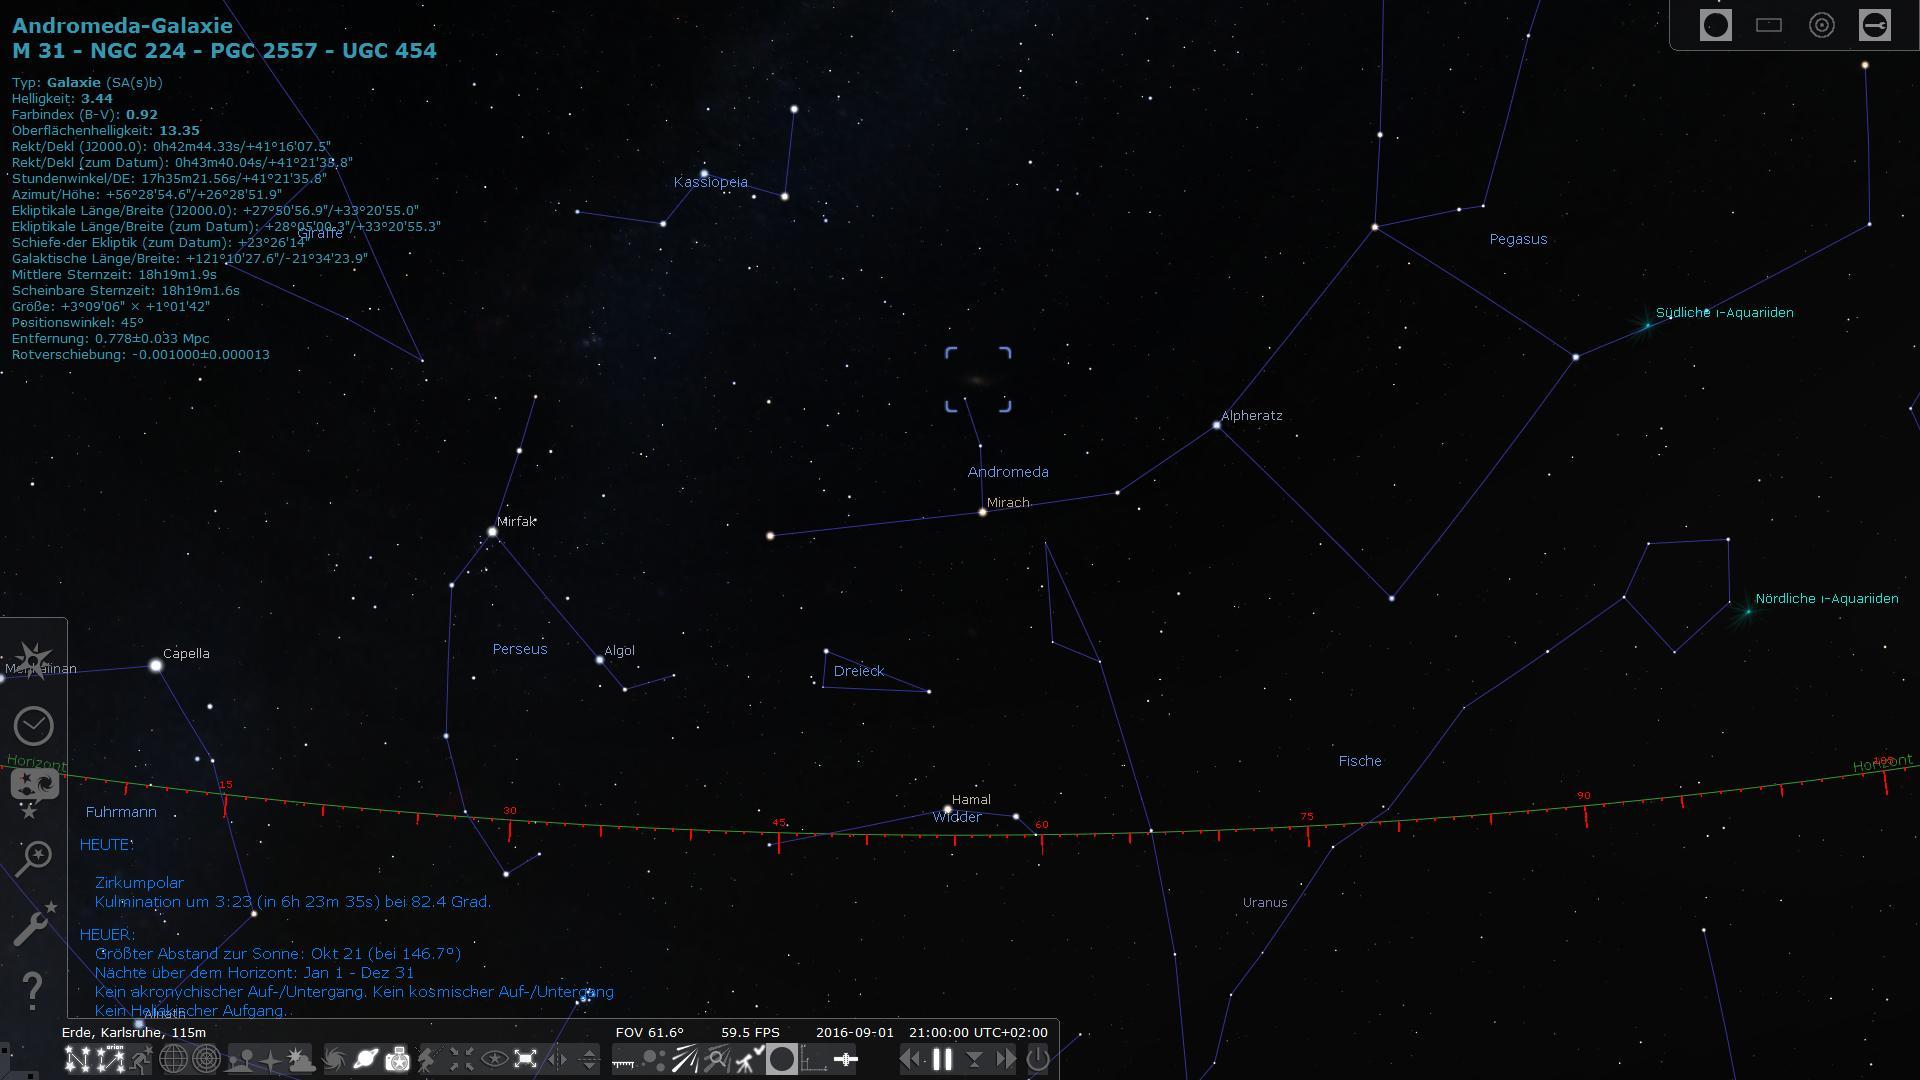 Auffinden der Andromeda-Galaxie über die Sternbilder Kassiopeia und Andromeda oder Pegasus.